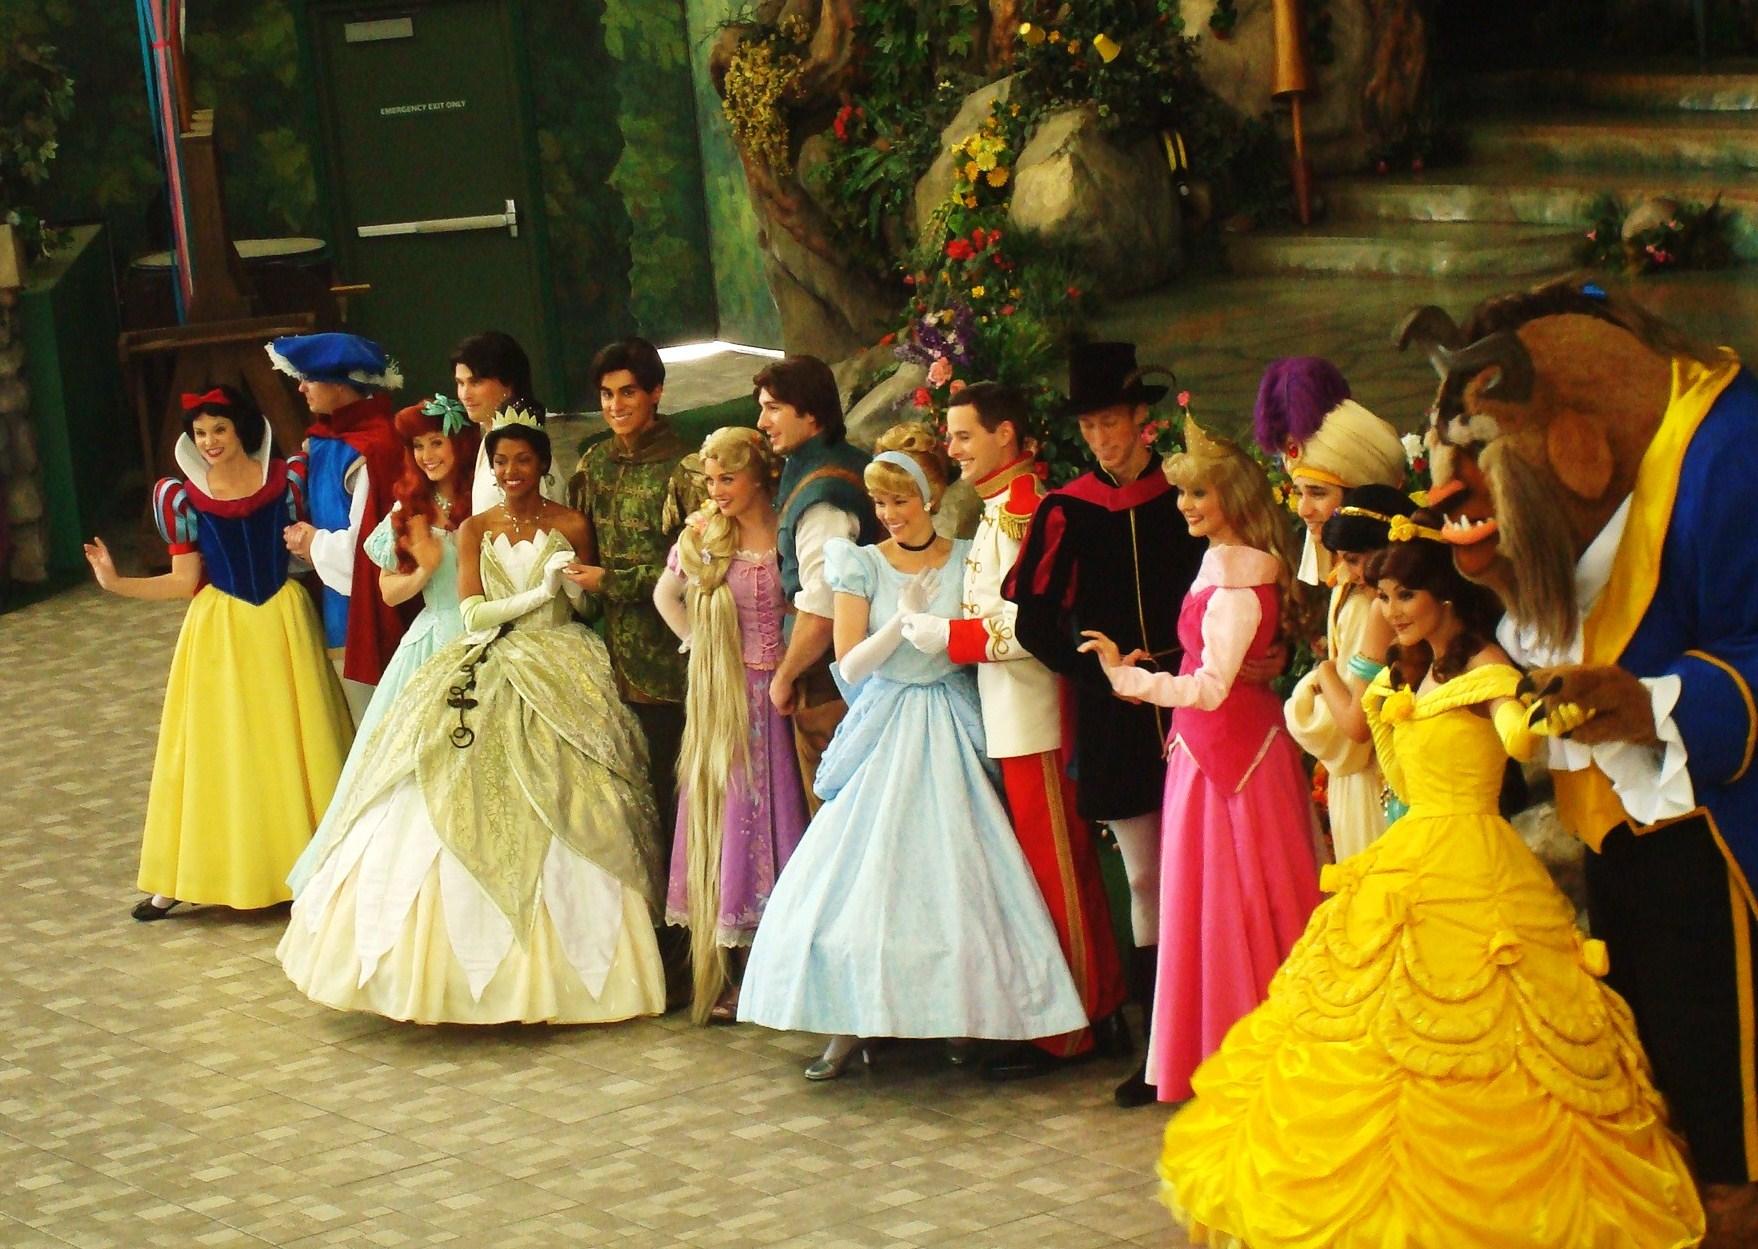 Description Disneyland 2012-02-14 Princess and Princesses a.jpg